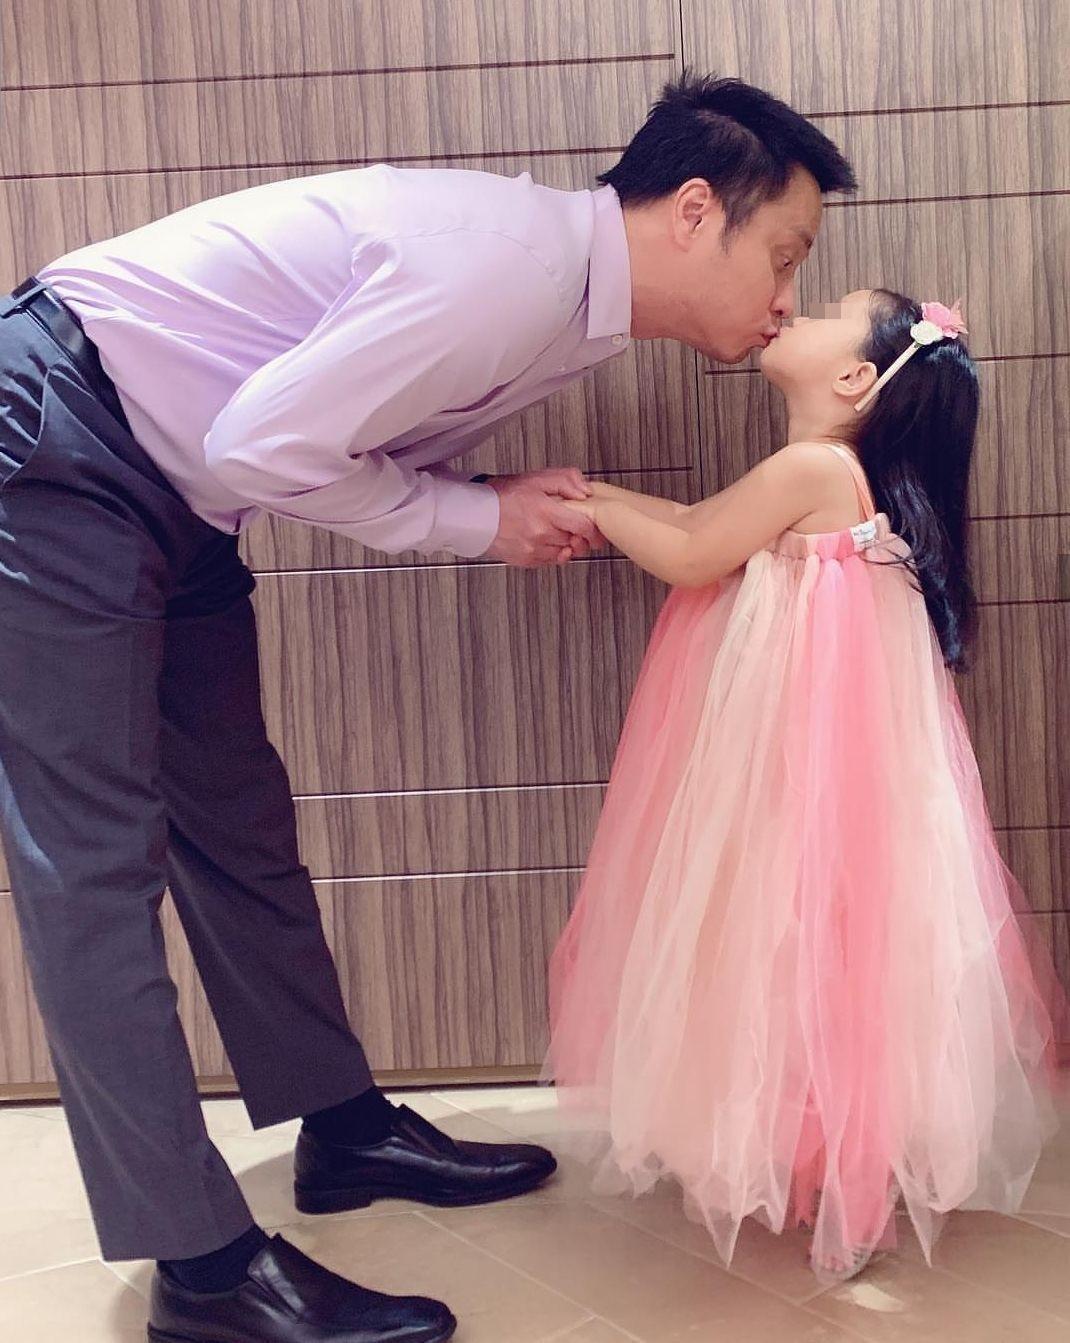 兩年前的結婚紀念日,老公朱志威(左)親了女兒C.C. (右)後一起出門,身為正宮的關穎無奈寫下︰「清楚明白輪不到我。」(翻攝自關穎IG)